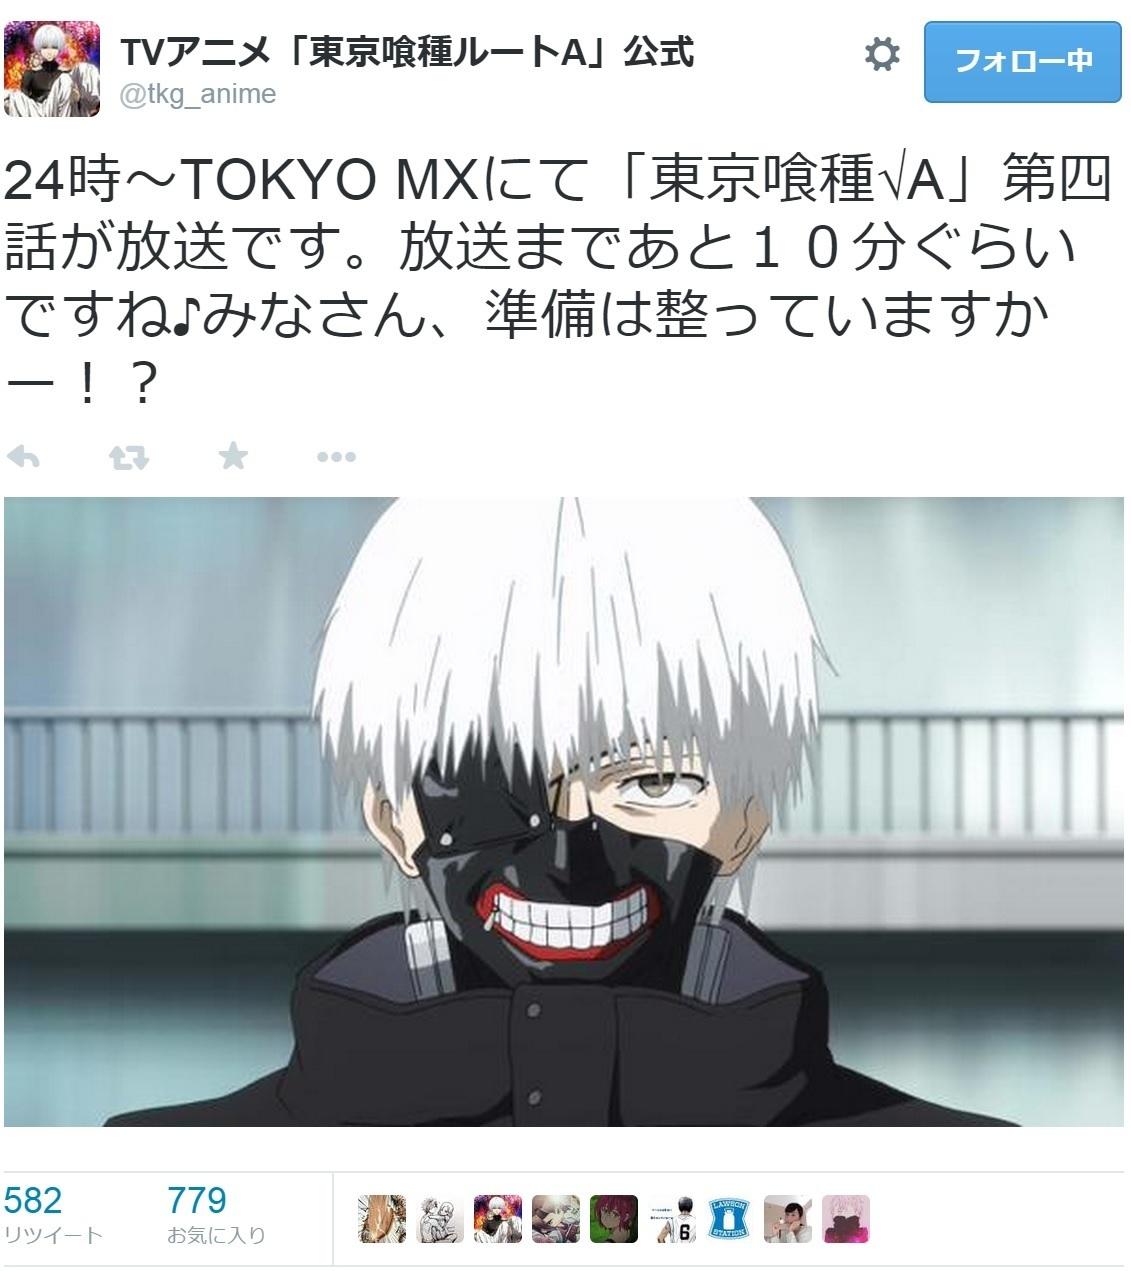 東京喰種√aアニメ4話「シャチvs白カネキ!ドナート・ポルポラのed